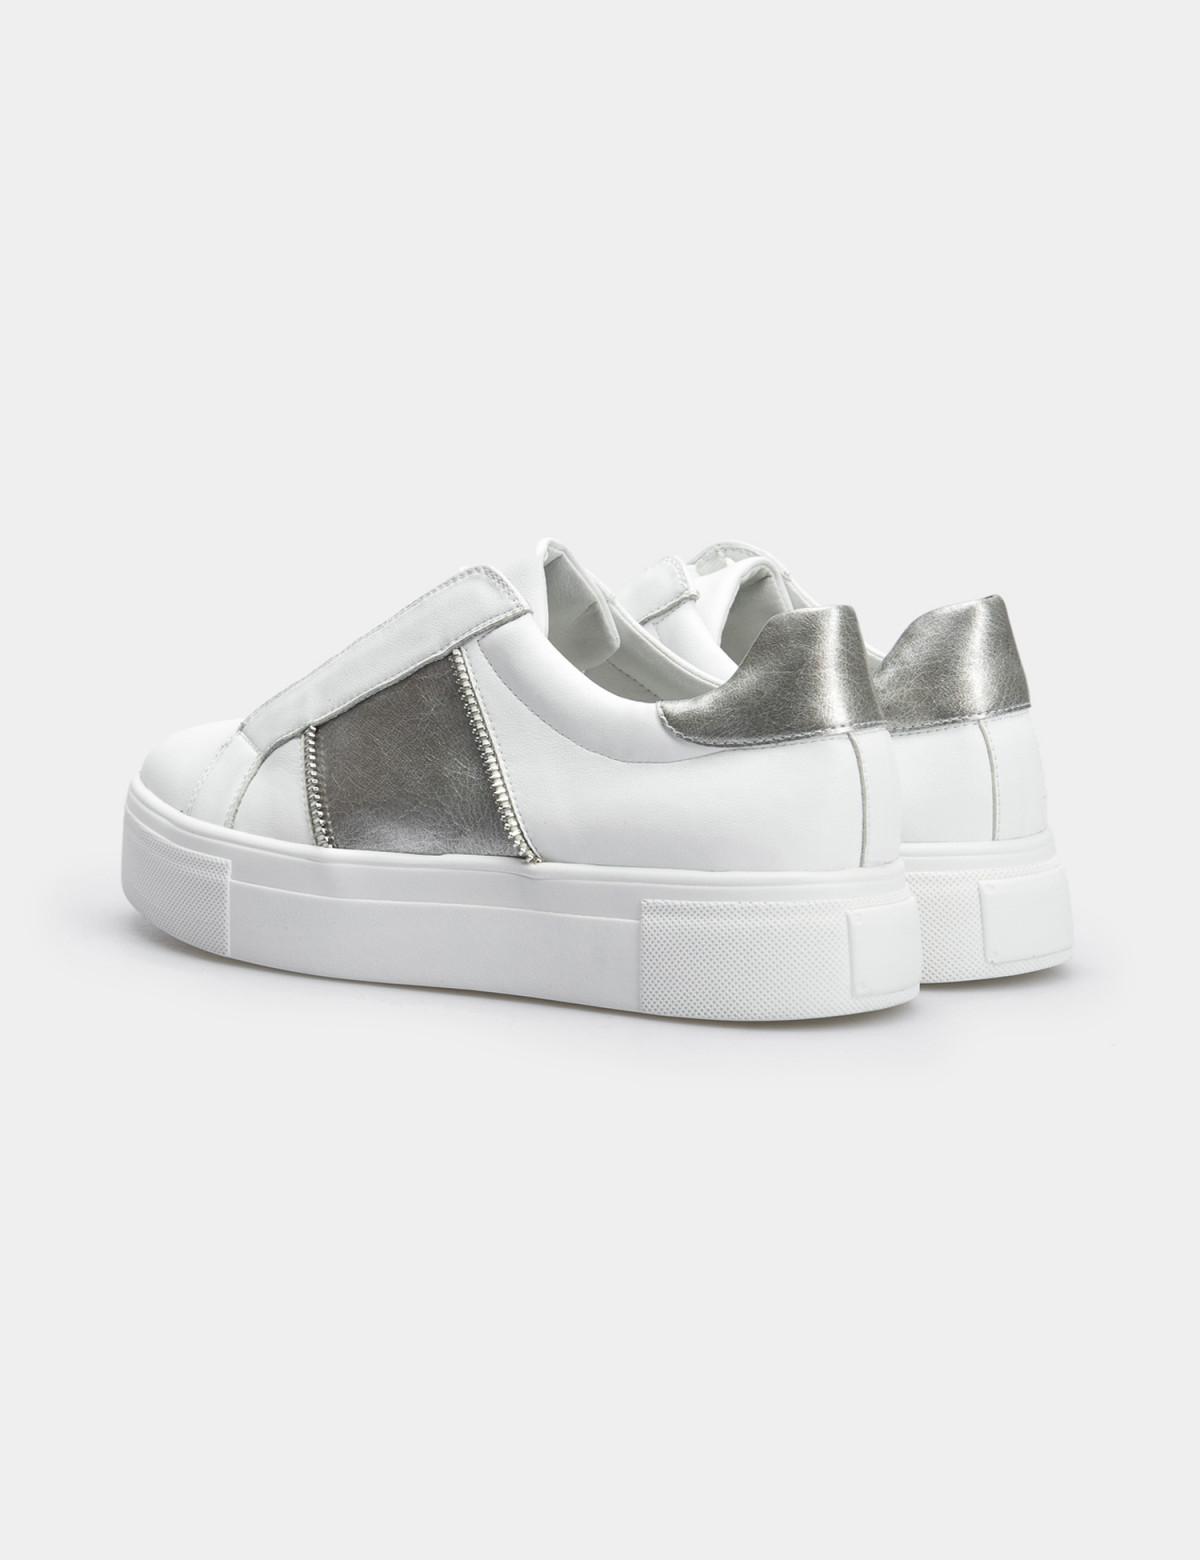 Кросівки білі, натуральна шкіра2